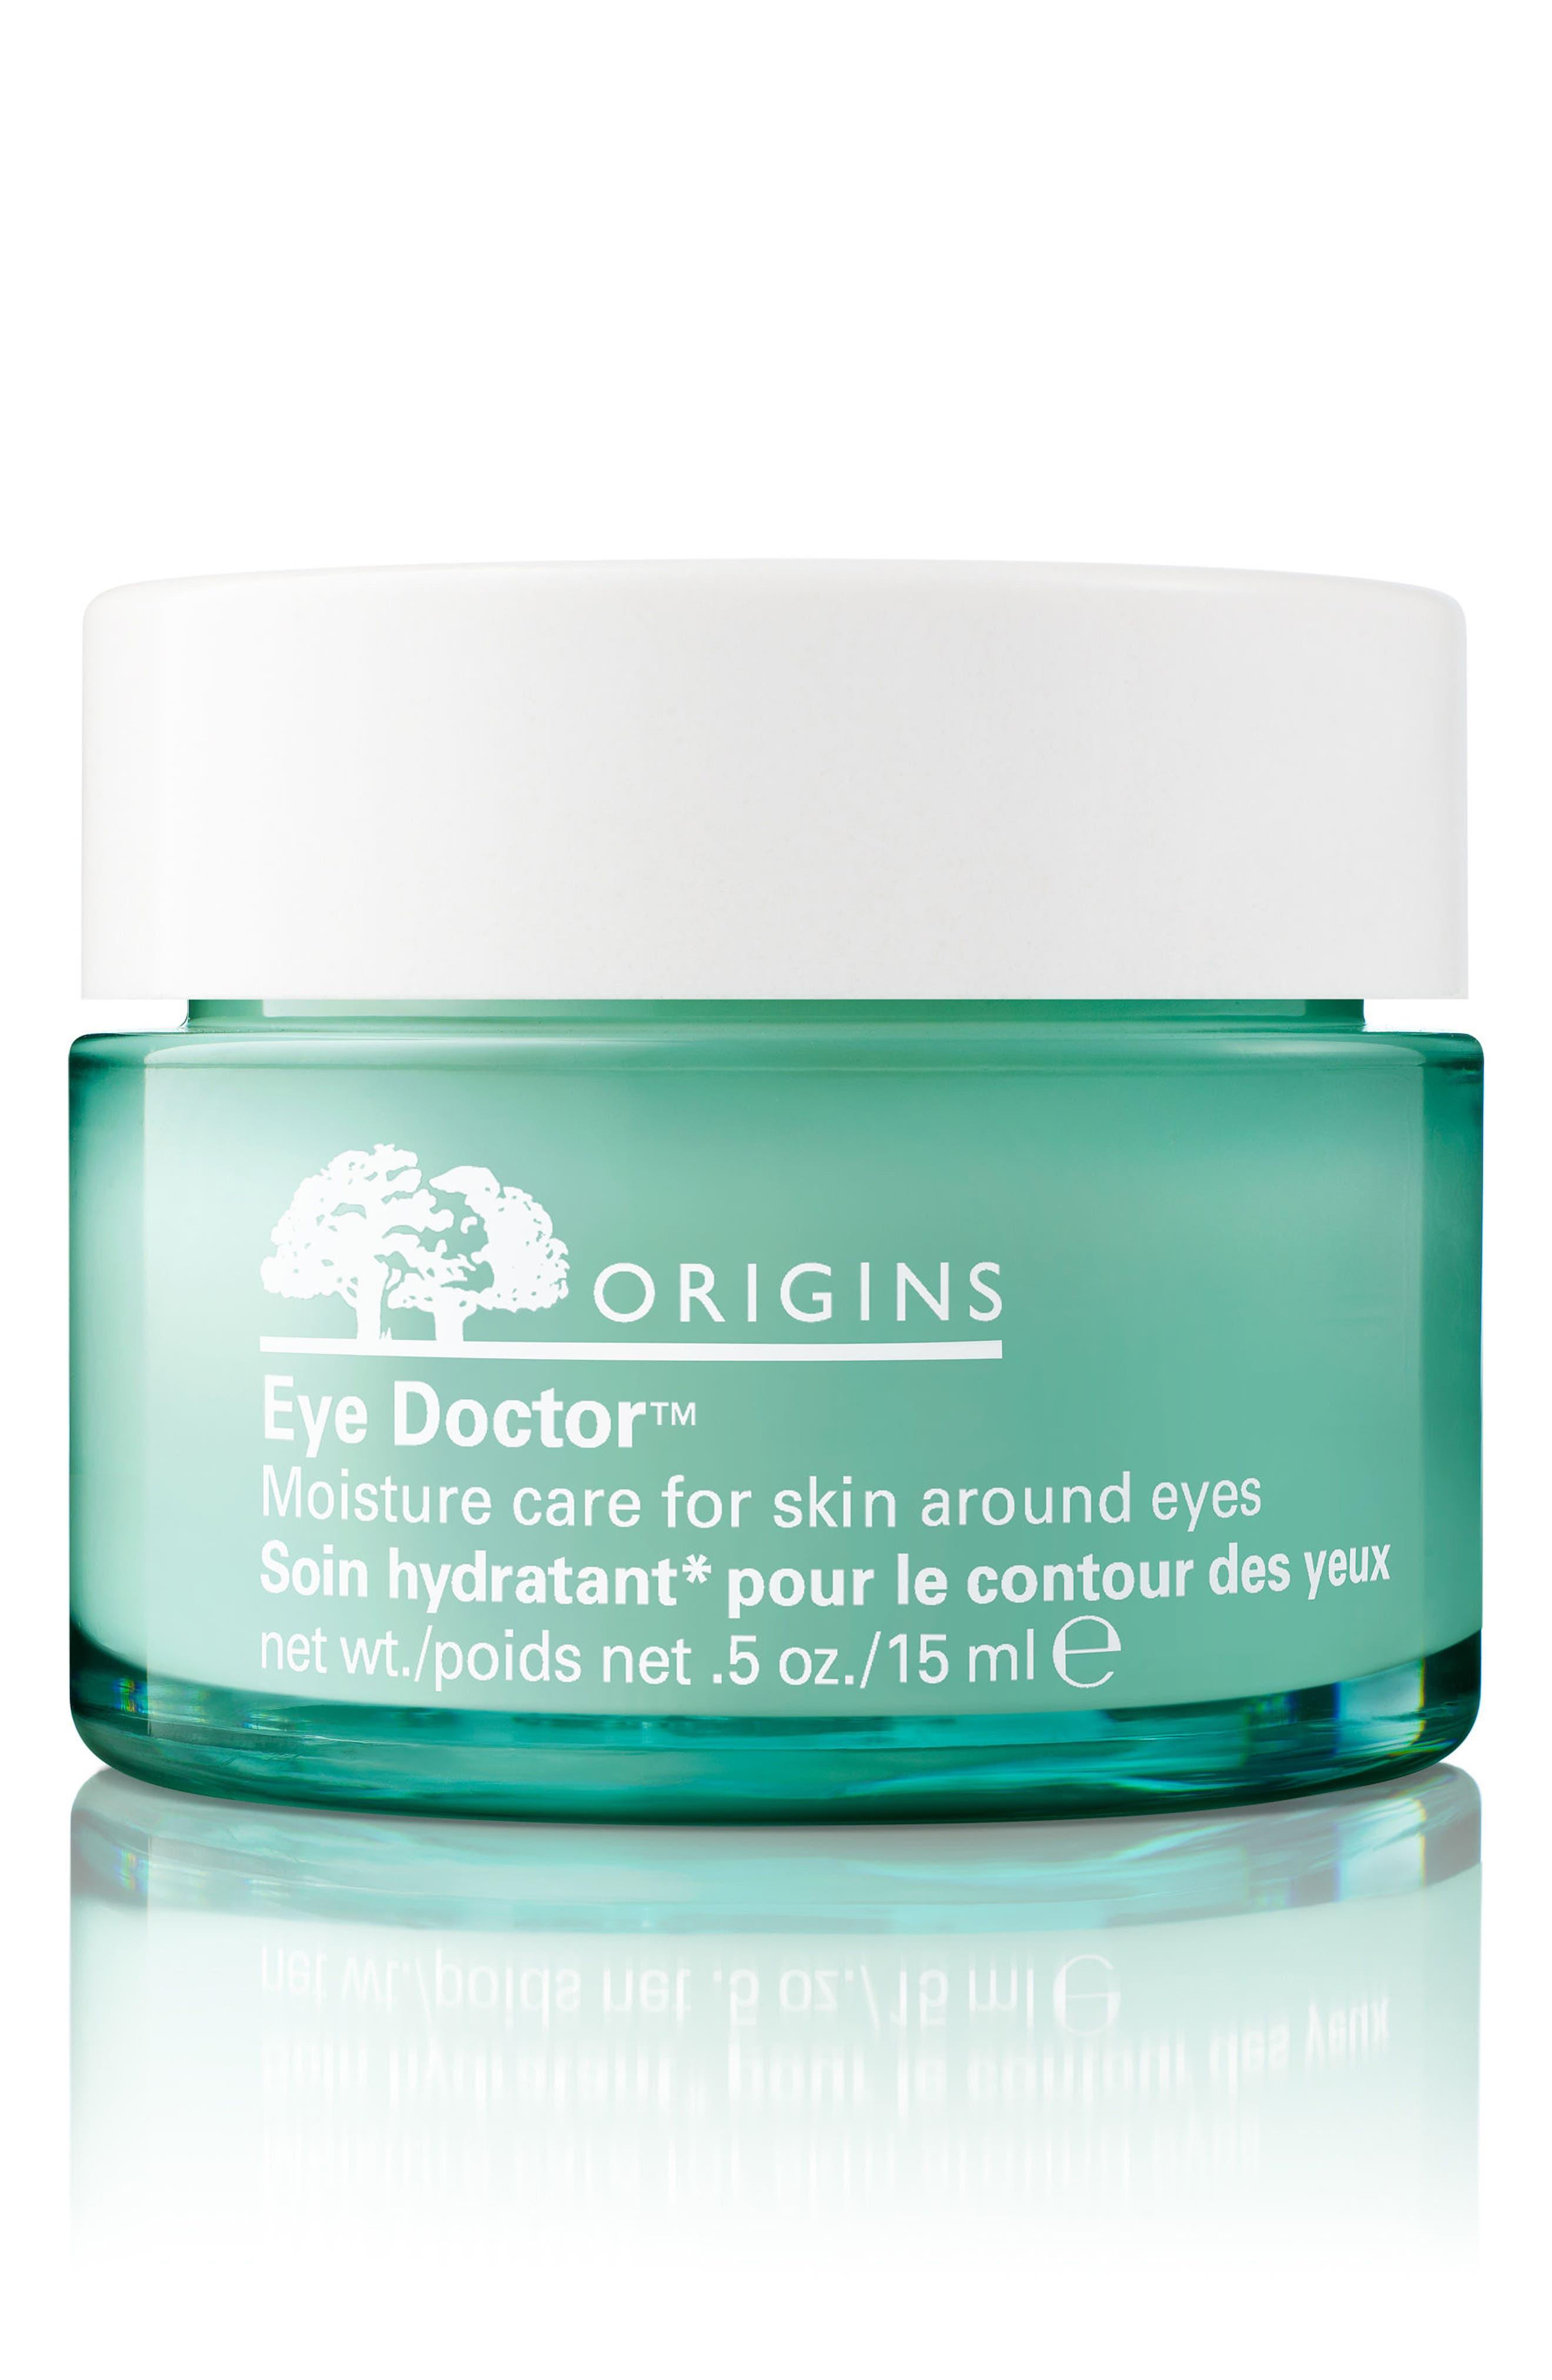 Alternate Image 1 Selected - Origins 'Eye Doctor®' Moisture Care for Skin Around Eyes